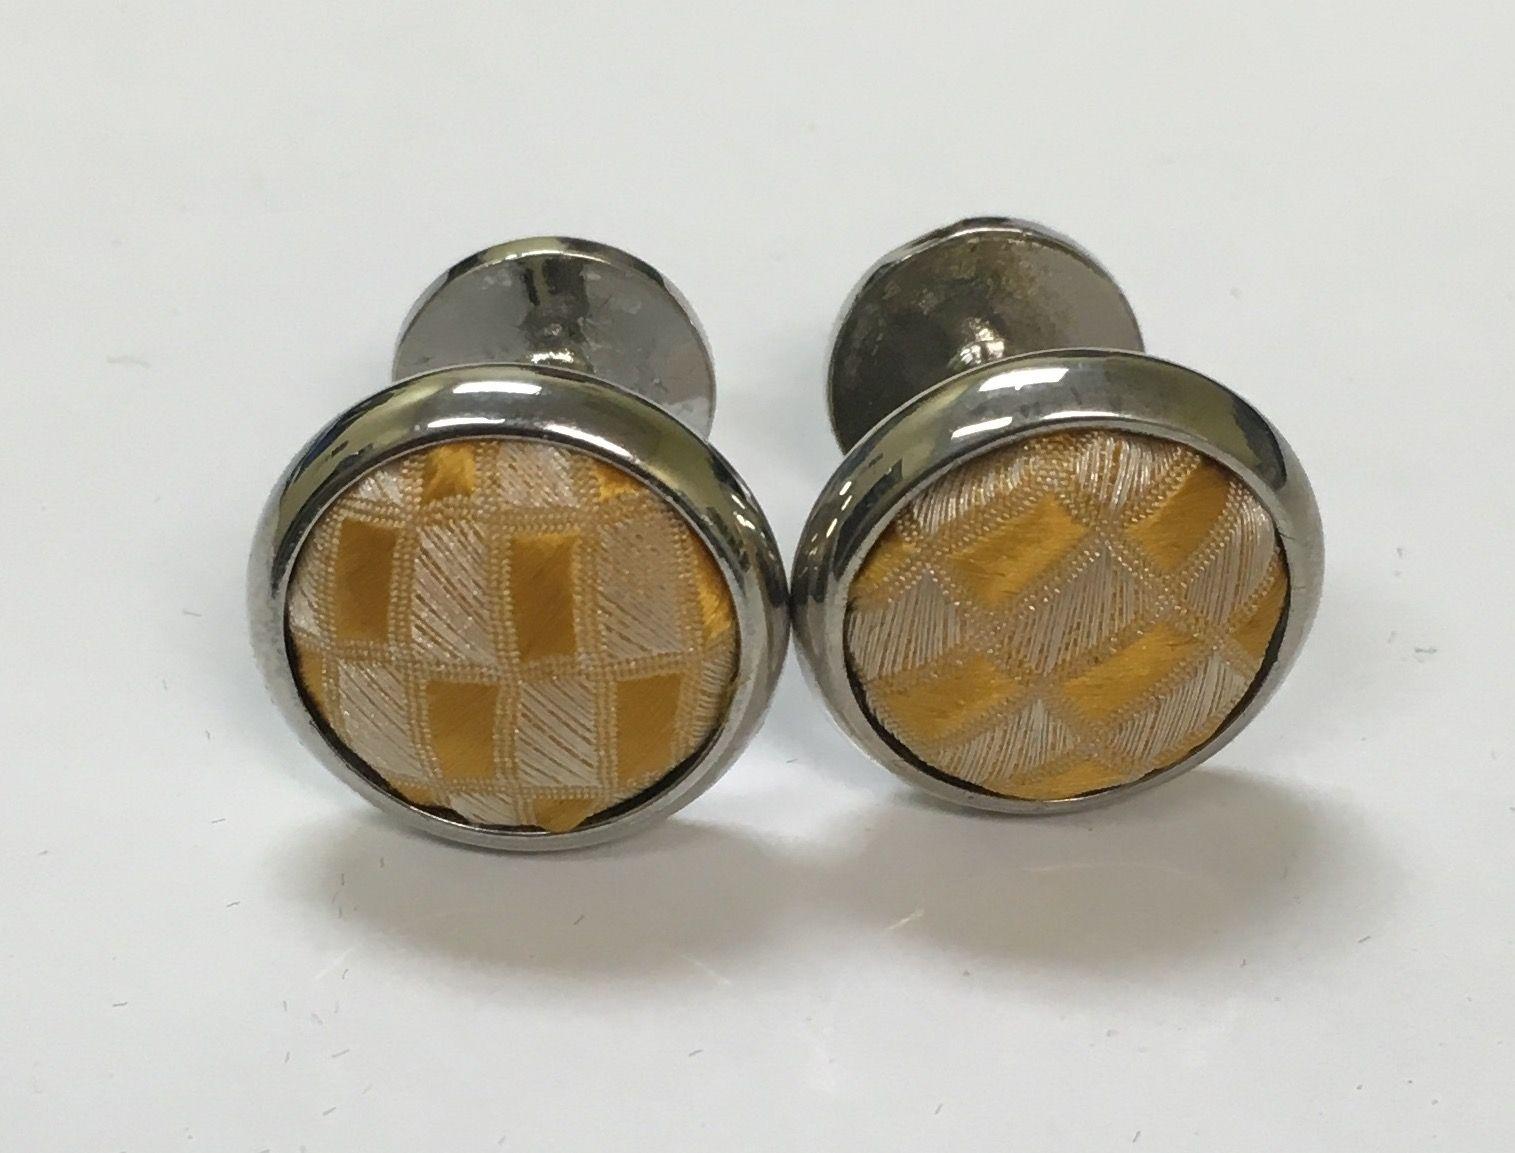 *2 Pc. Exquisite Fabric Cufflinks - Gold